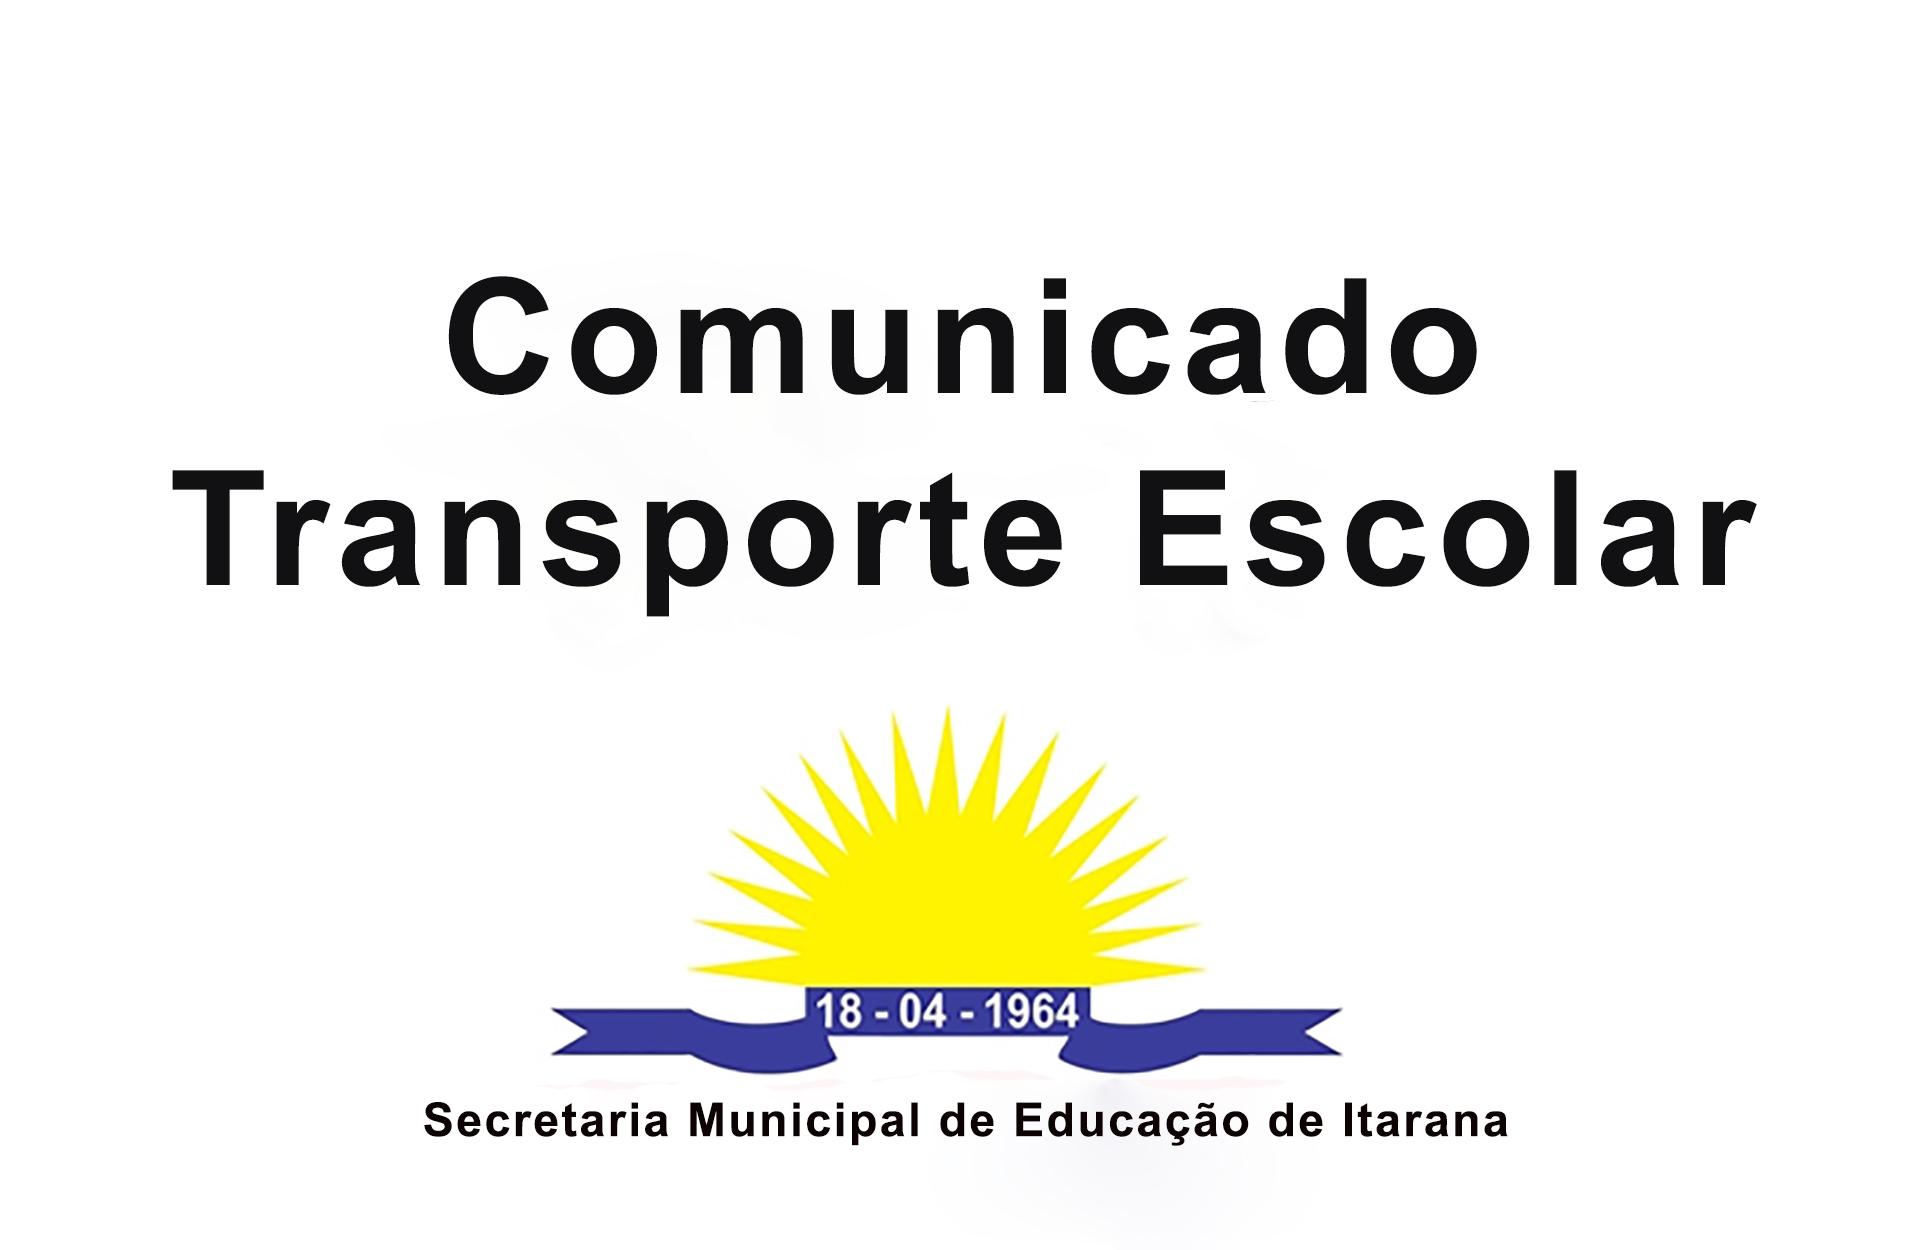 Comunicado - Transporte Escolar